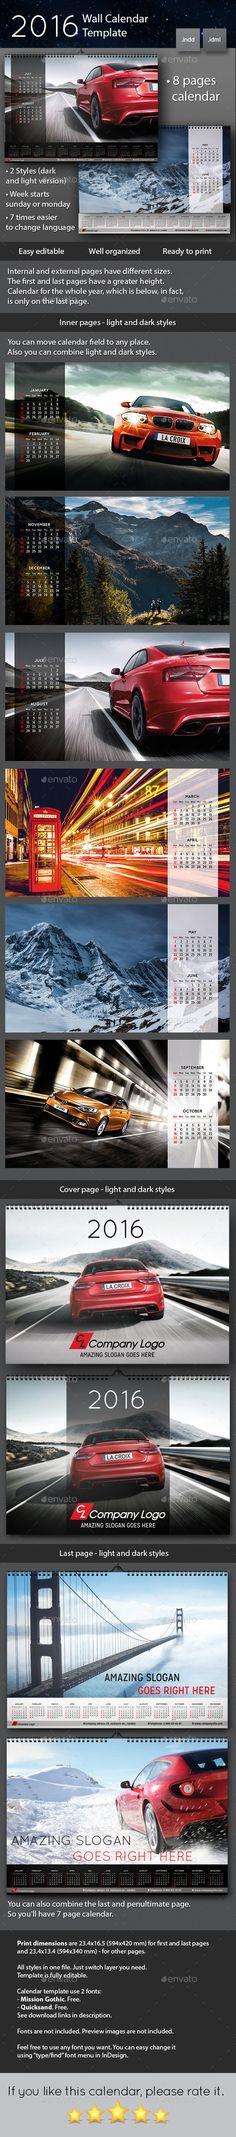 2016 Wall Calendar Template #design Download: http://graphicriver.net/item/2016-wall-calendar-/12065112?ref=ksioks